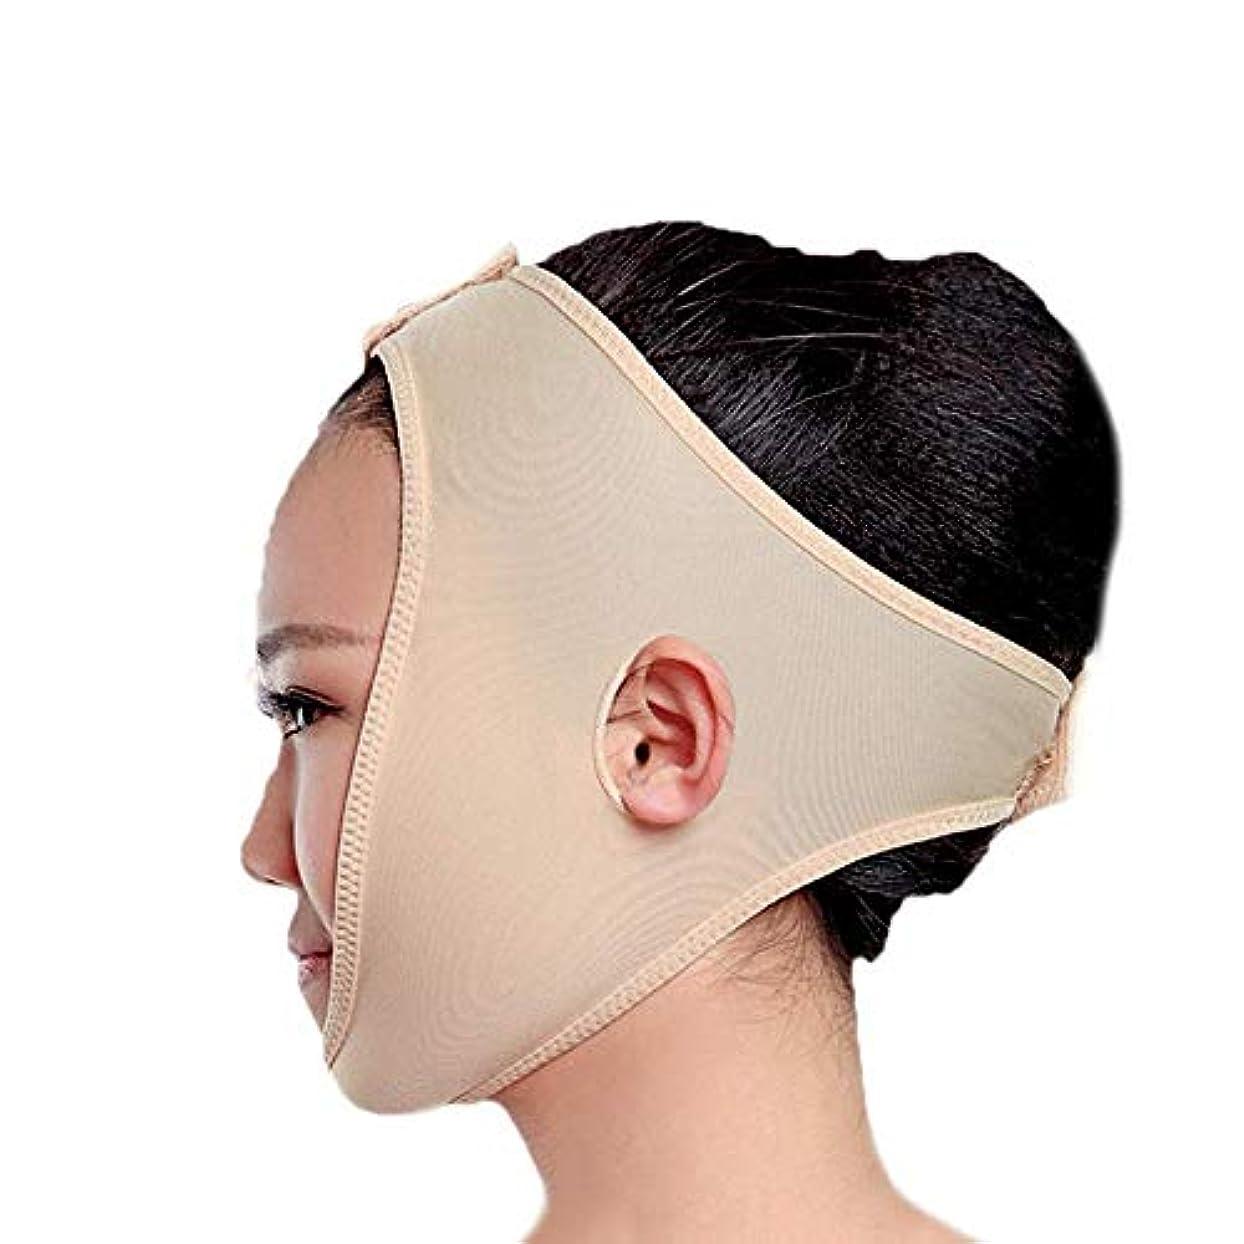 真剣に住人スキャンダラスフェイススリミングマスク、快適さと通気性、フェイシャルリフティング、輪郭の改善された硬さ、ファーミングとリフティングフェイス(カラー:ブラック、サイズ:XL),黄色がかったピンク2、XL